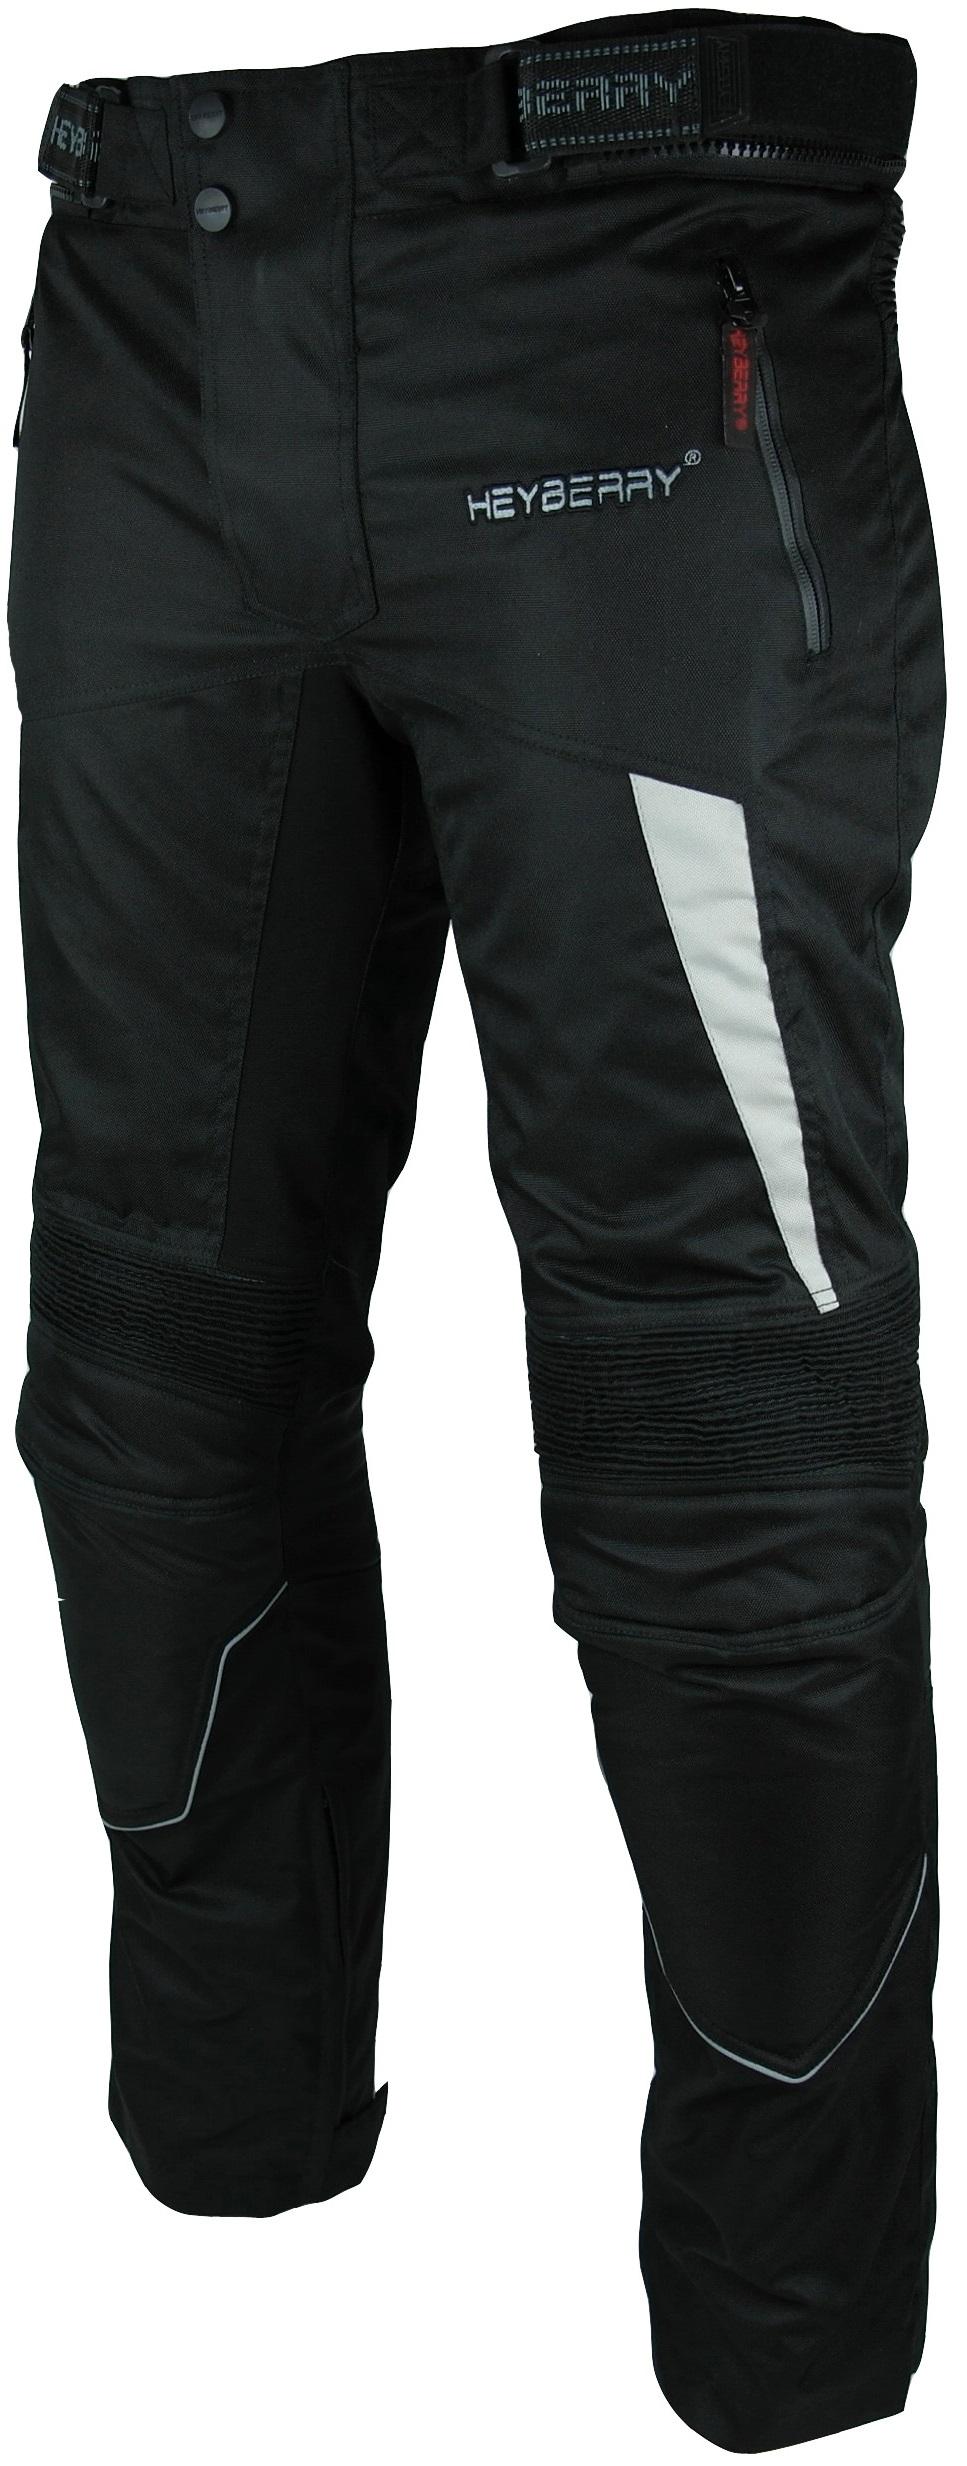 Heyberry Motorradhose Textil Schwarz Grau Gr. M - 3XL